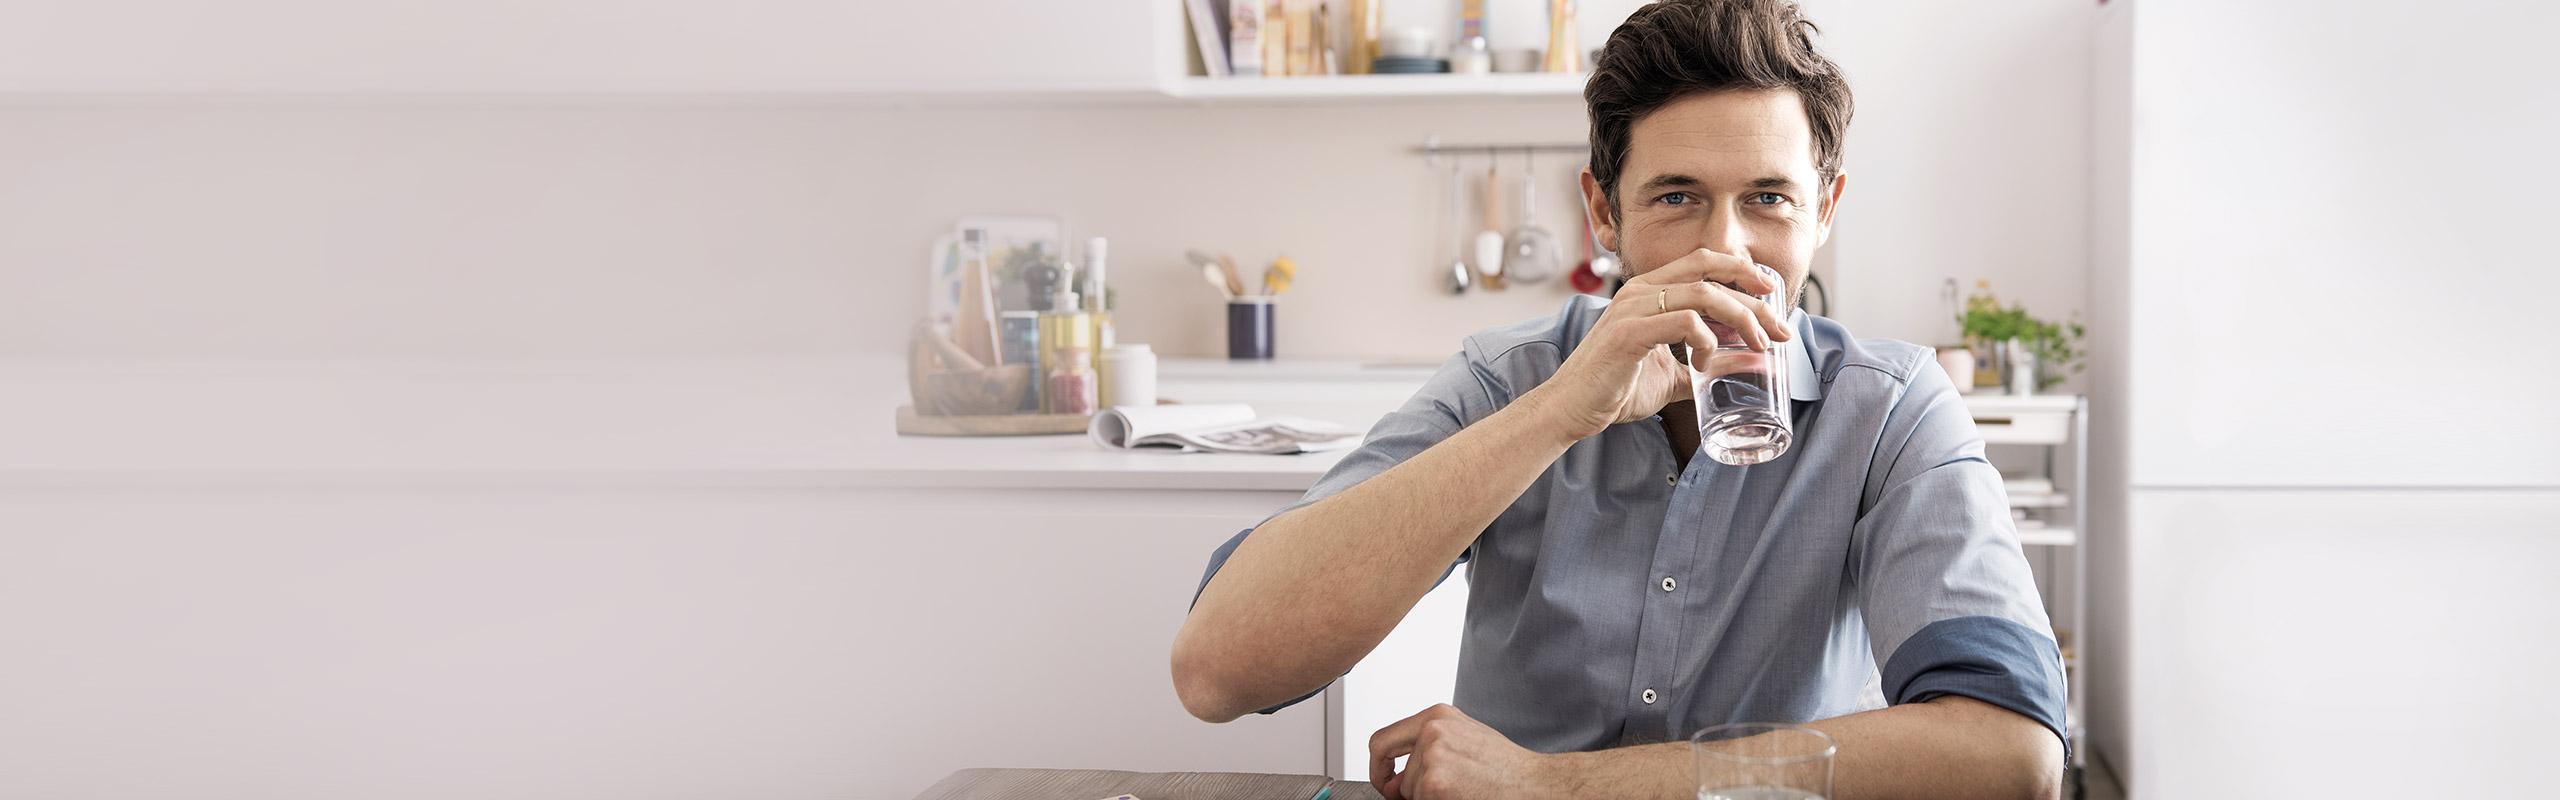 Homem sentado na cozinha a beber água.